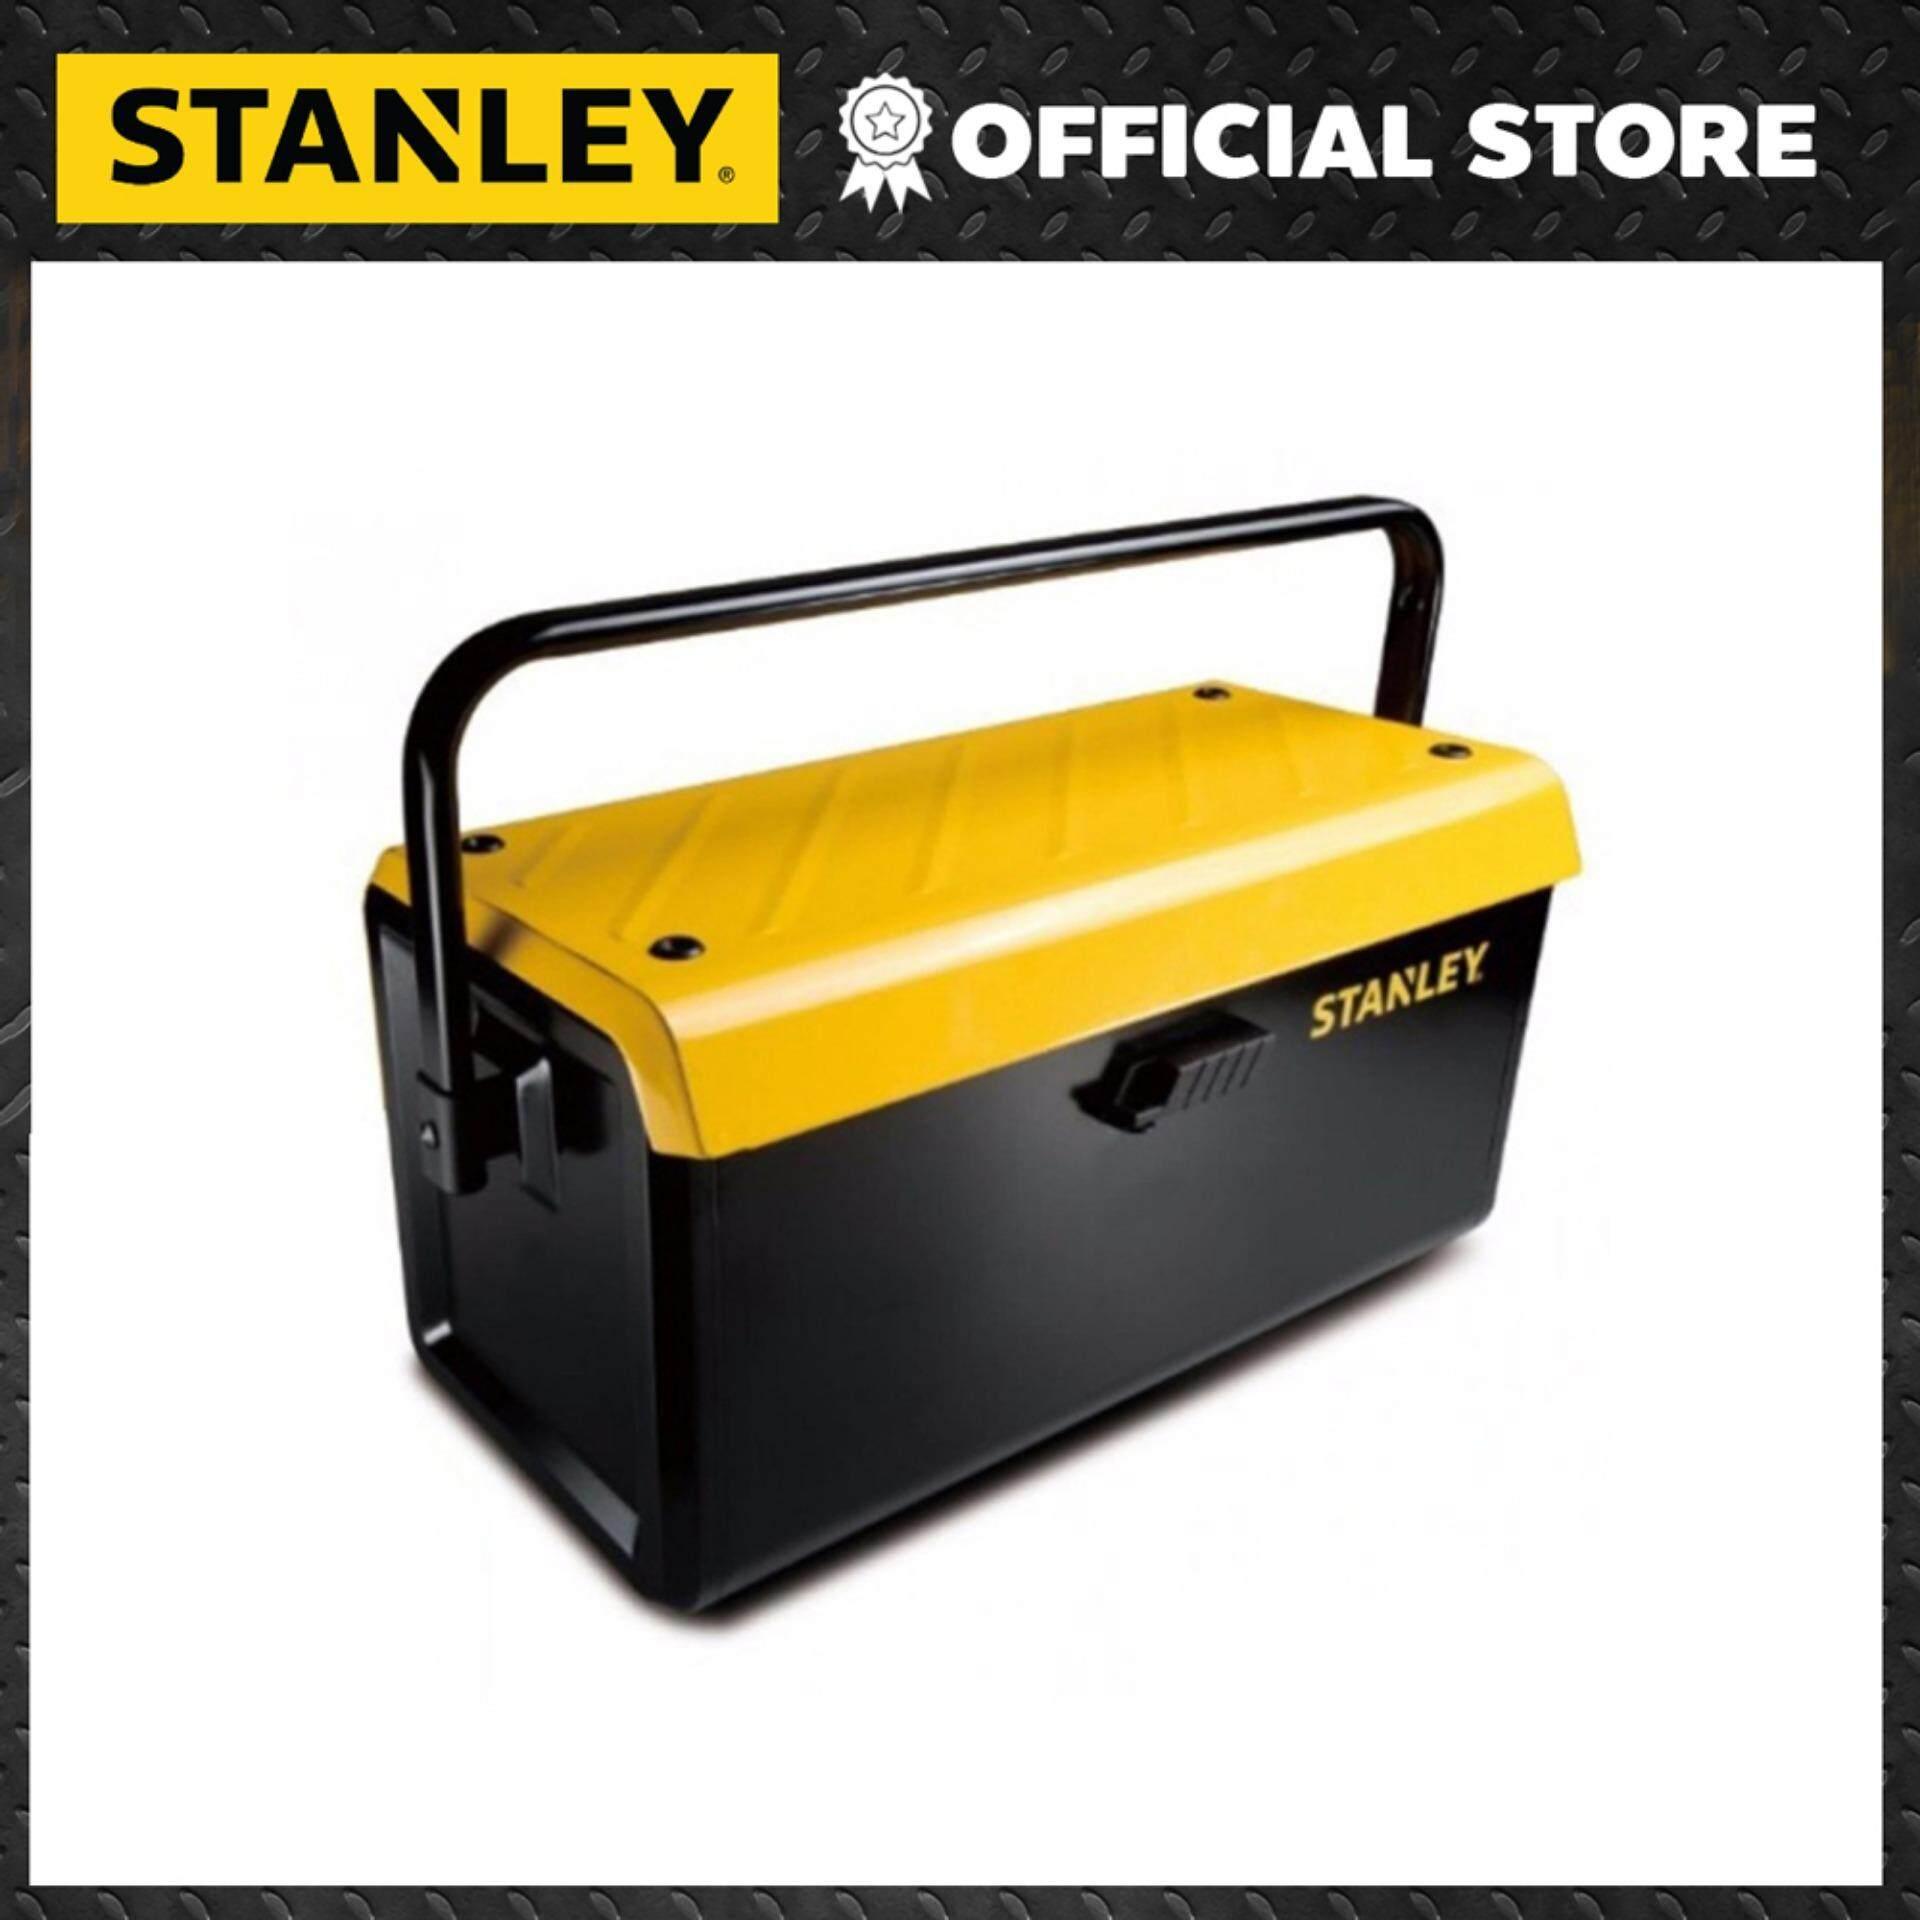 STANLEY กล่องโลหะเก็บเครื่องมือช่าง 1 ลิ้นชัก 19 นิ้ว METAL TOOL BOX - 1 DRAWER กล่องเครื่องมือ กล่องเก็บอุปกรณ์ช่าง